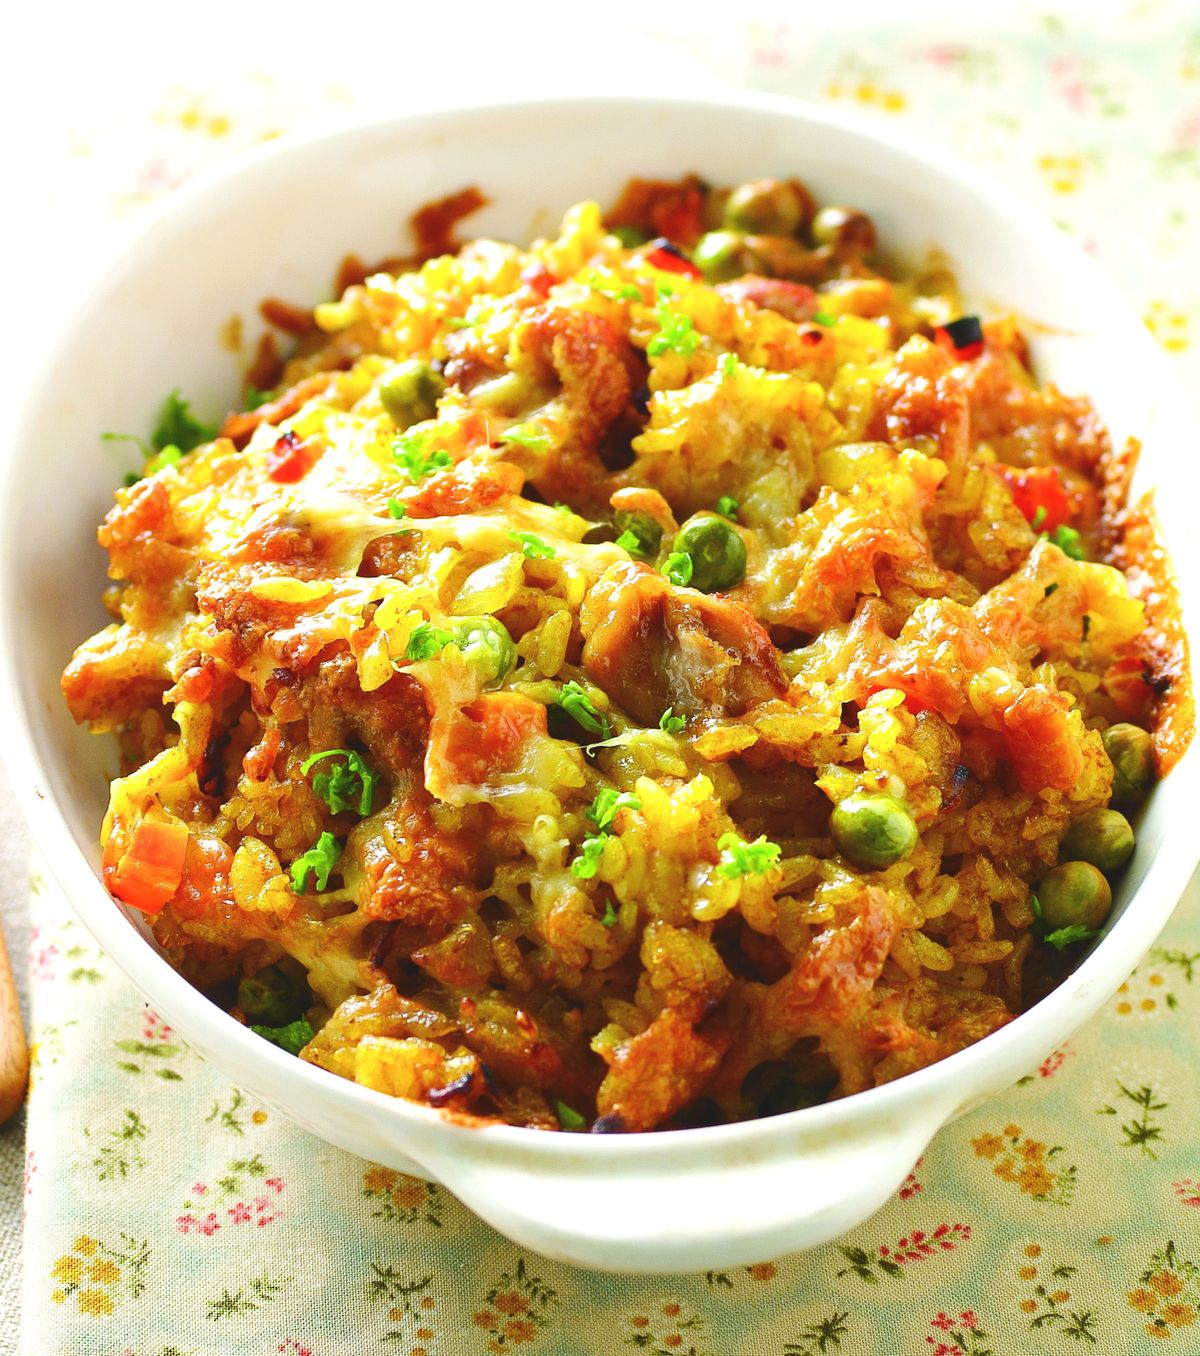 食譜:青豆咖哩雞肉焗飯